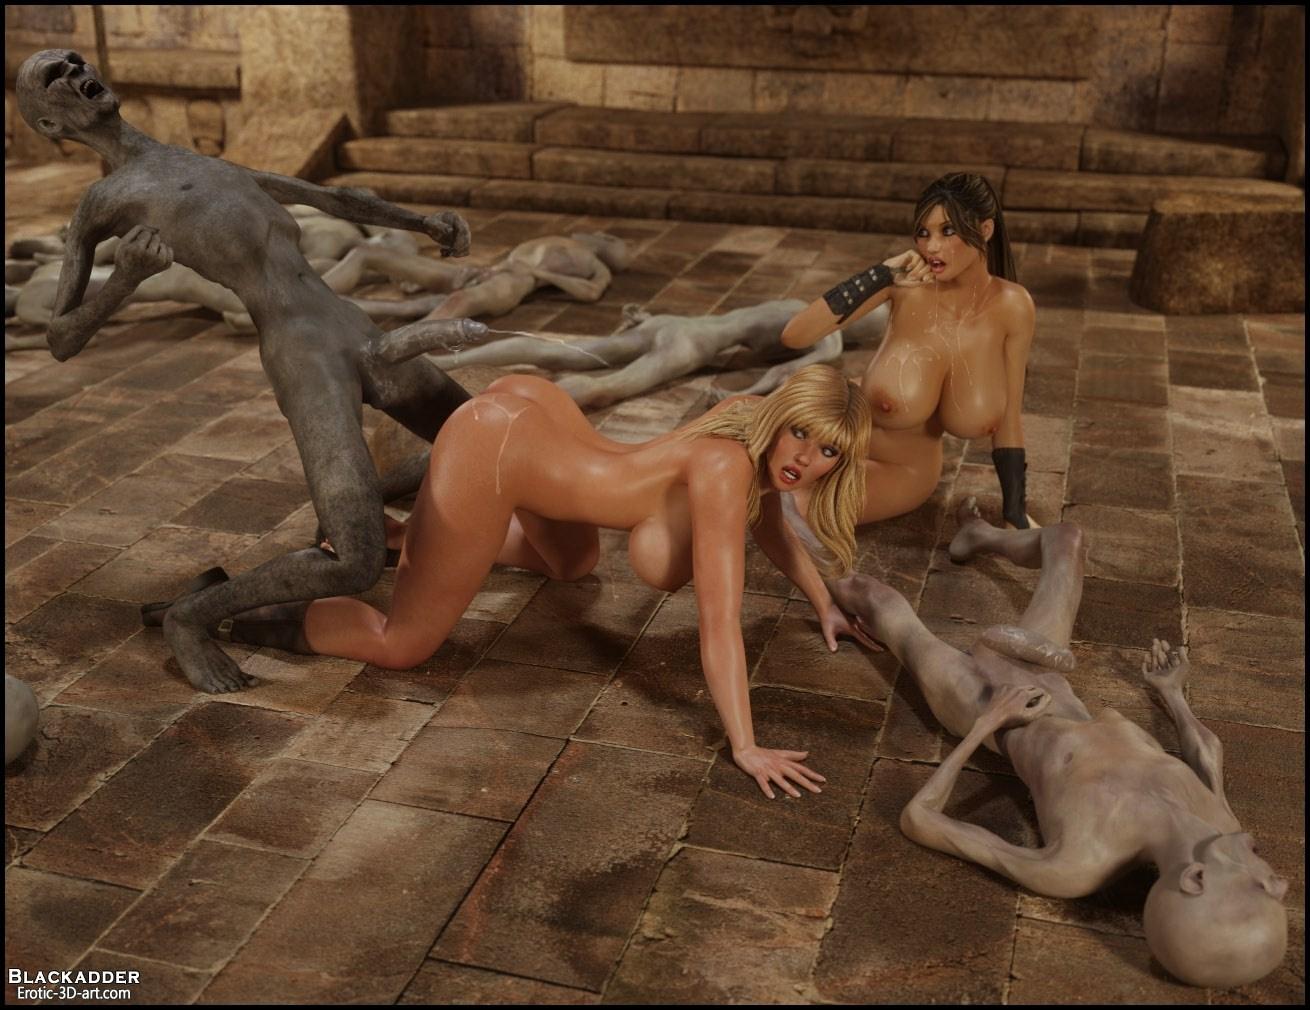 Смотреть эротику в древним египте, Энергичный лесбийский секс в древнем Египте 18 фотография